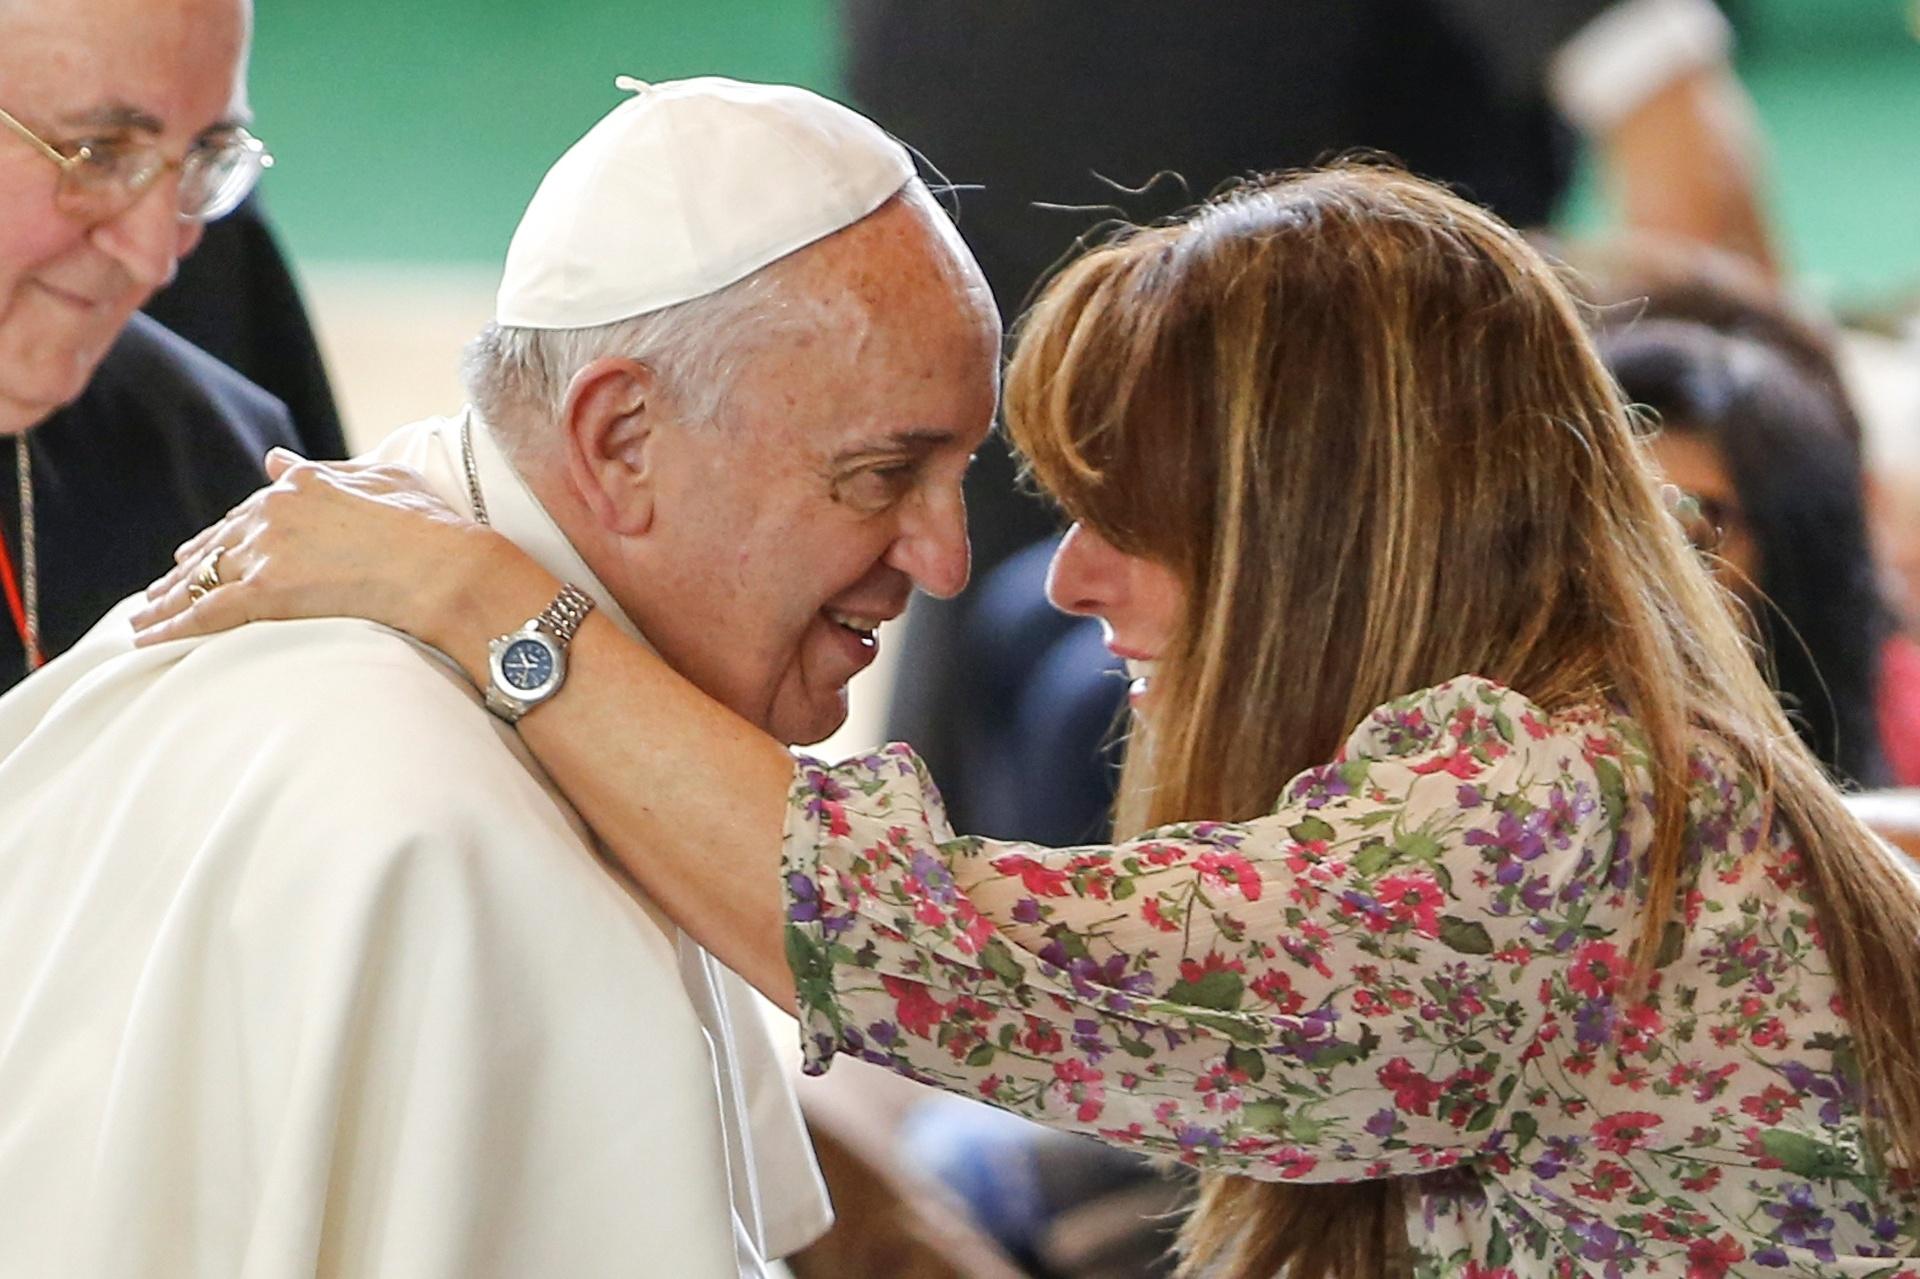 3.mai.2015 - Papa Francisco cumprimenta uma fiel durante sua visita a uma igreja nas proximidades de Roma neste domingo (3). Como de costume, a visita do papa foi marcada por um forte esquema de segurança e por uma pequena multidão à espera do sumo pontífice